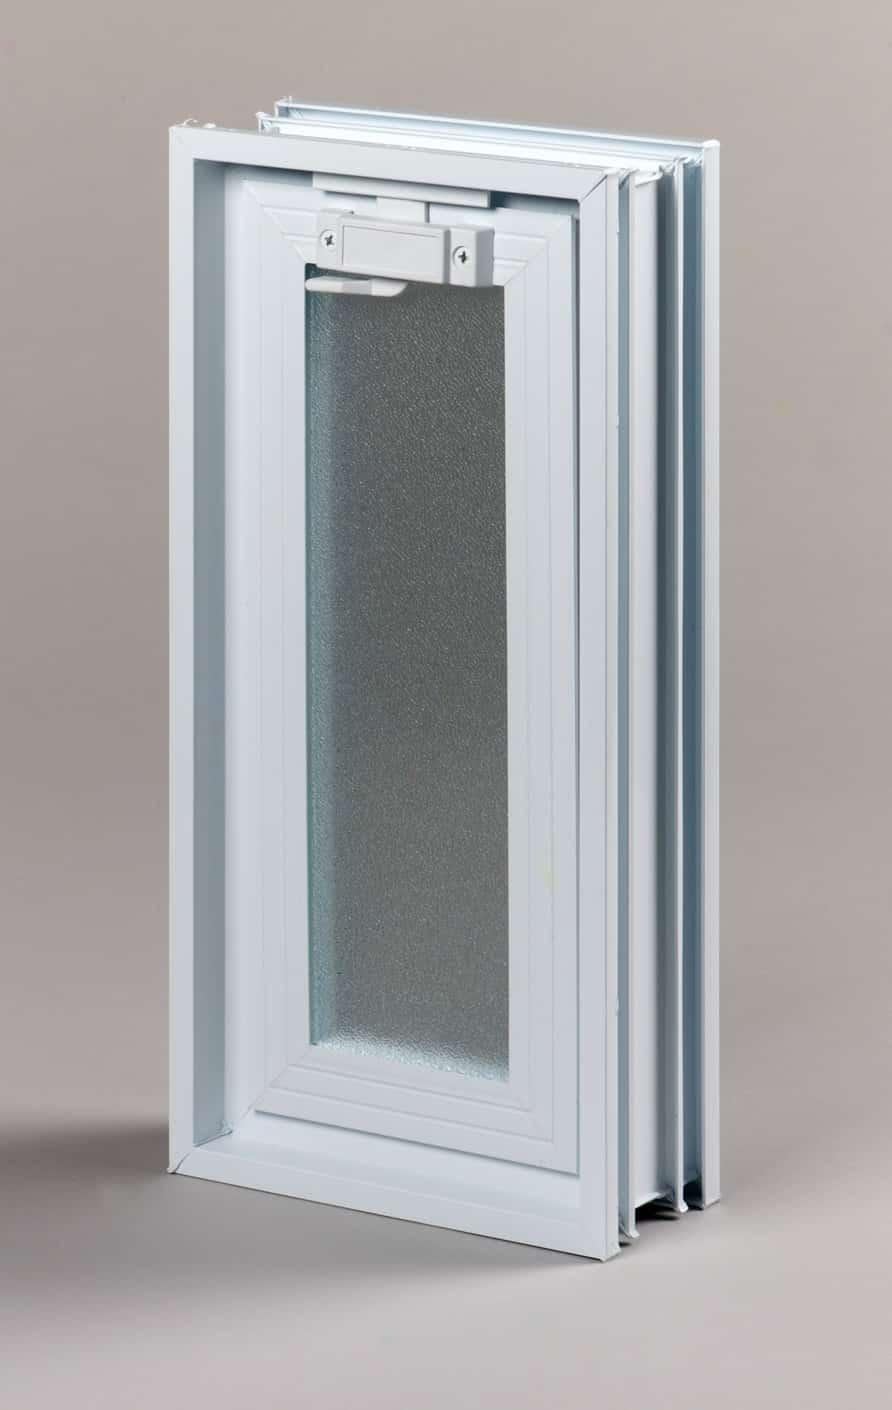 okno wentylacyjne, okienka do luksferów, wenty, okna,